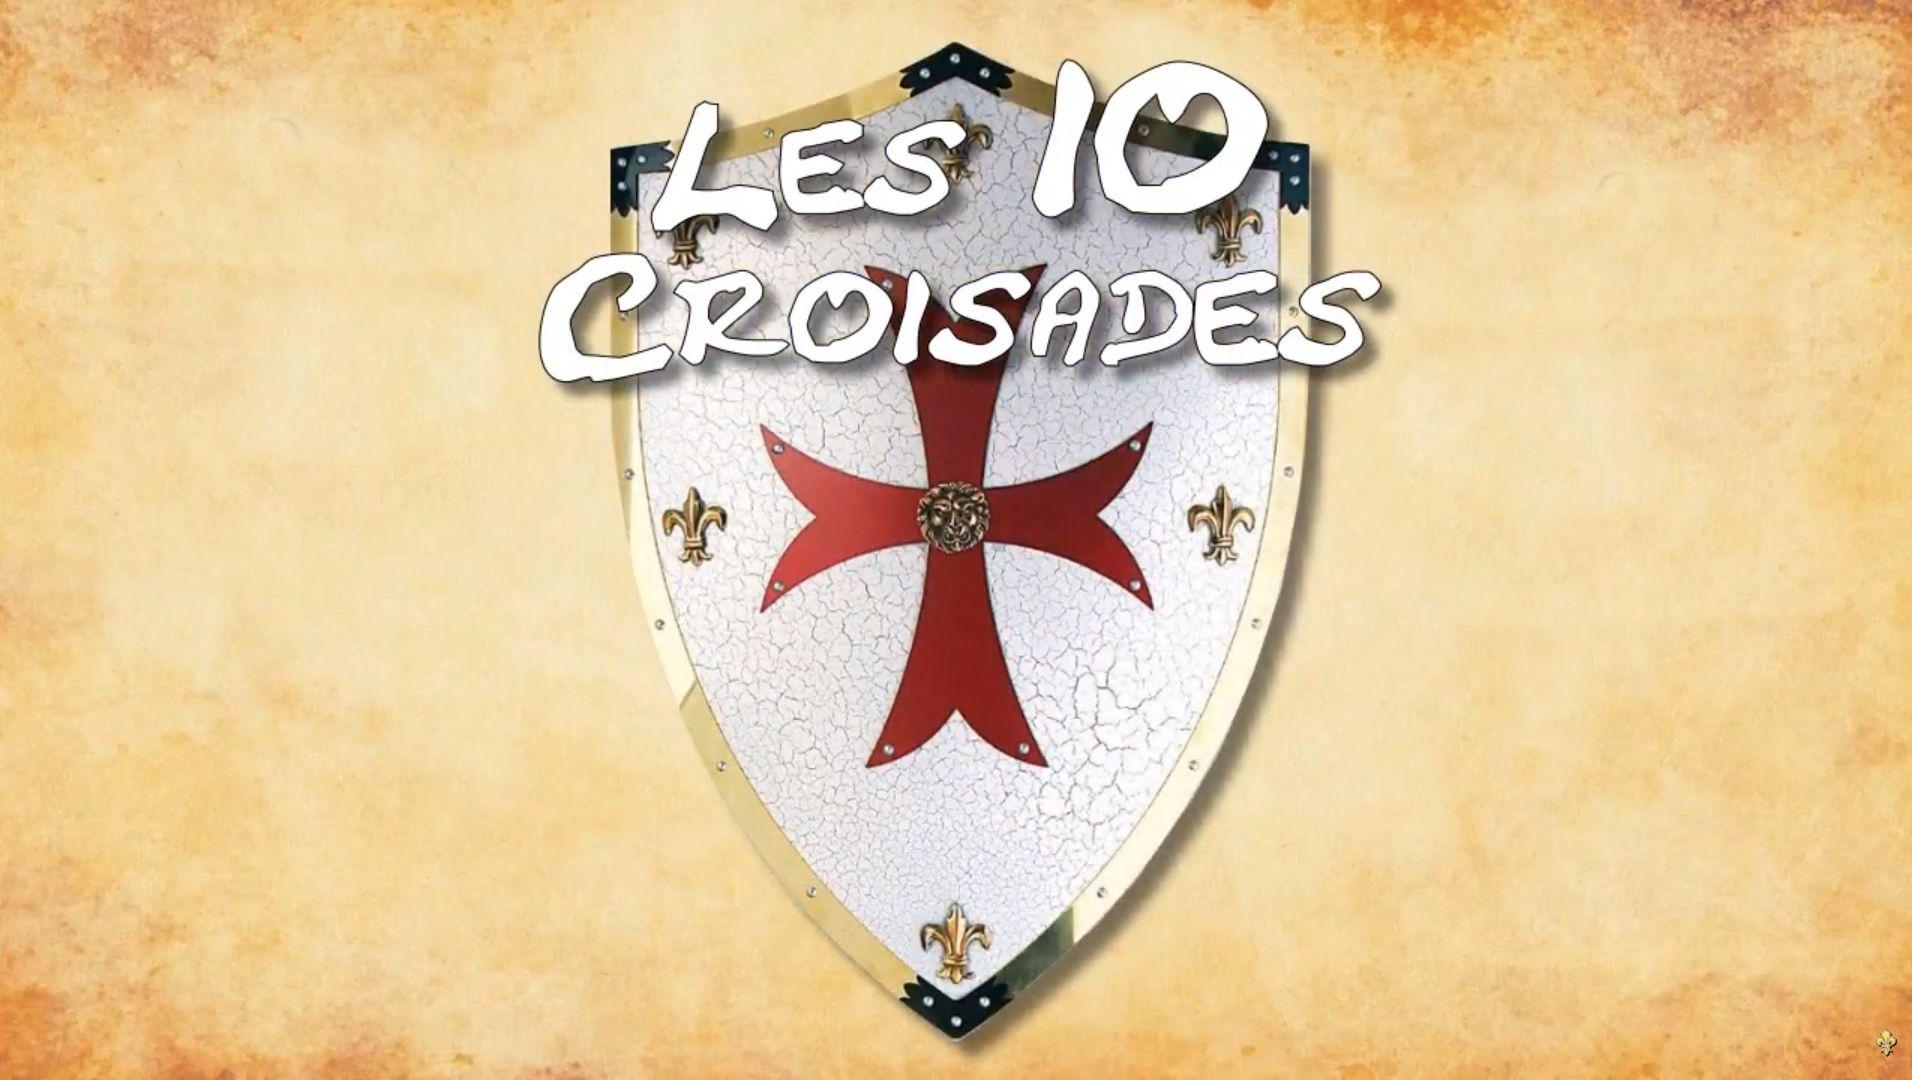 Les 10 Grandes Croisades Vehicle Logos Porsche Logo